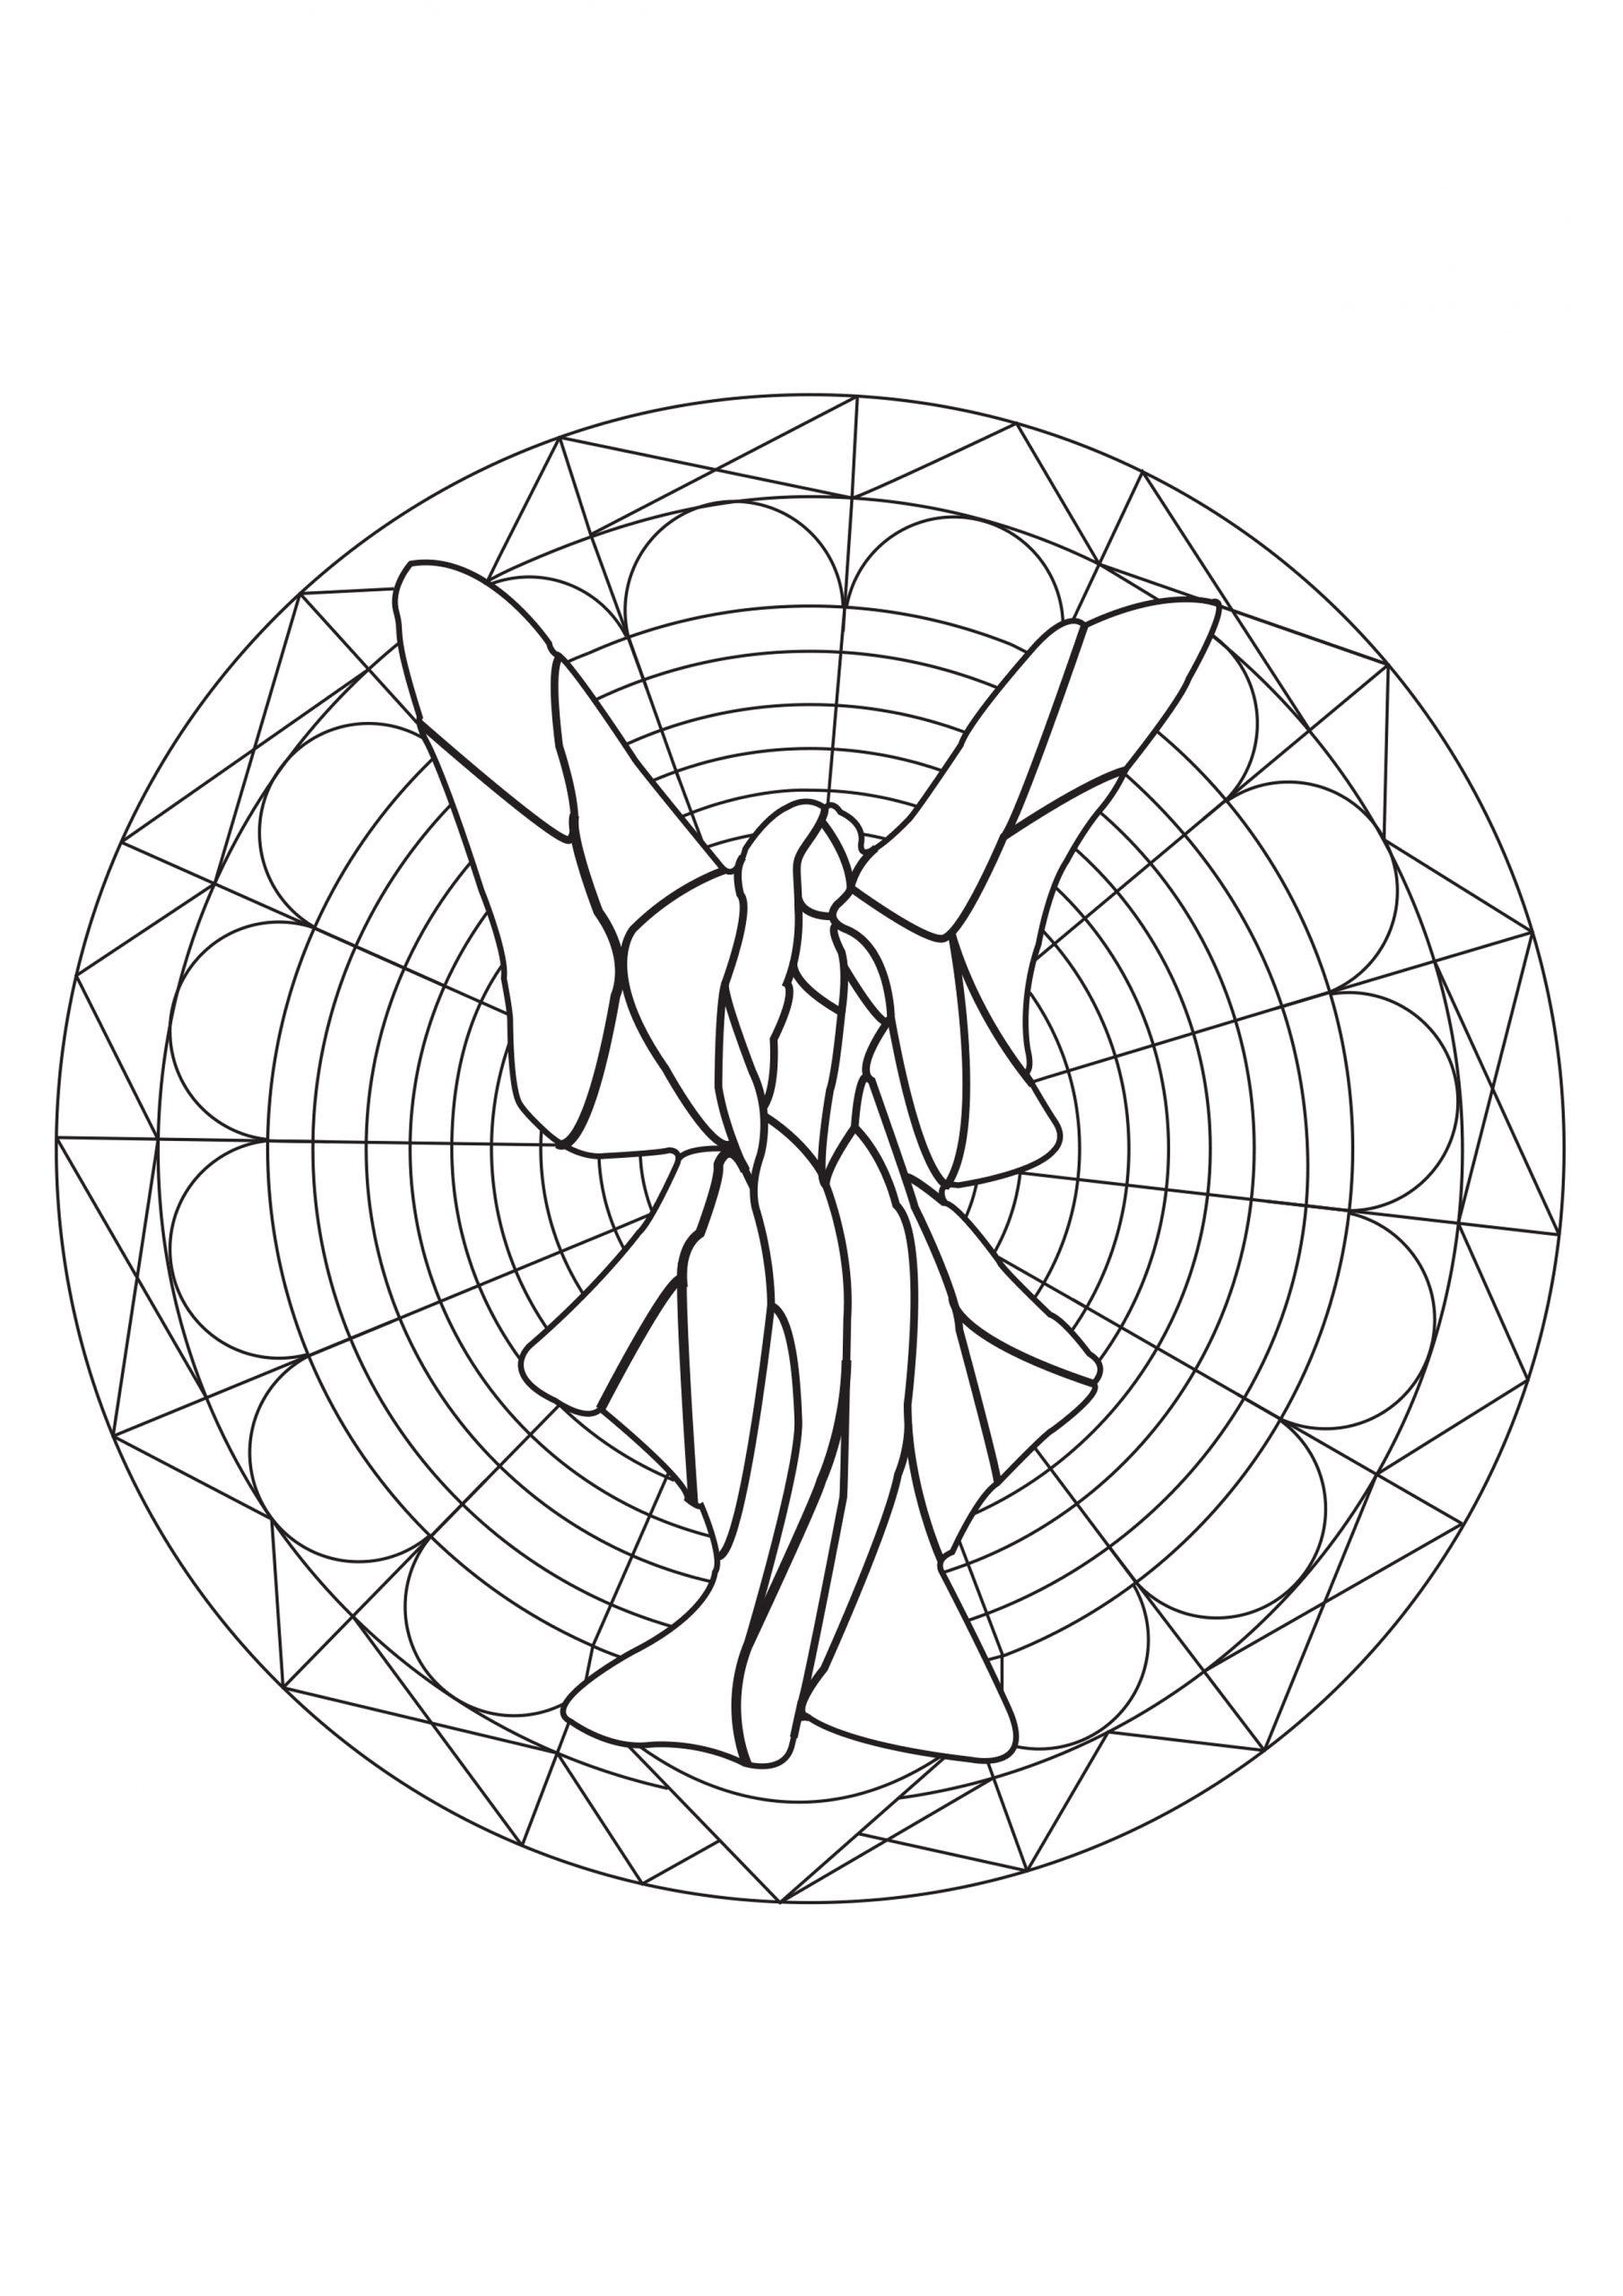 Mandala Fée Rêveuse Et Géométrique - Mandalas Zen & Anti destiné Mandala Fée